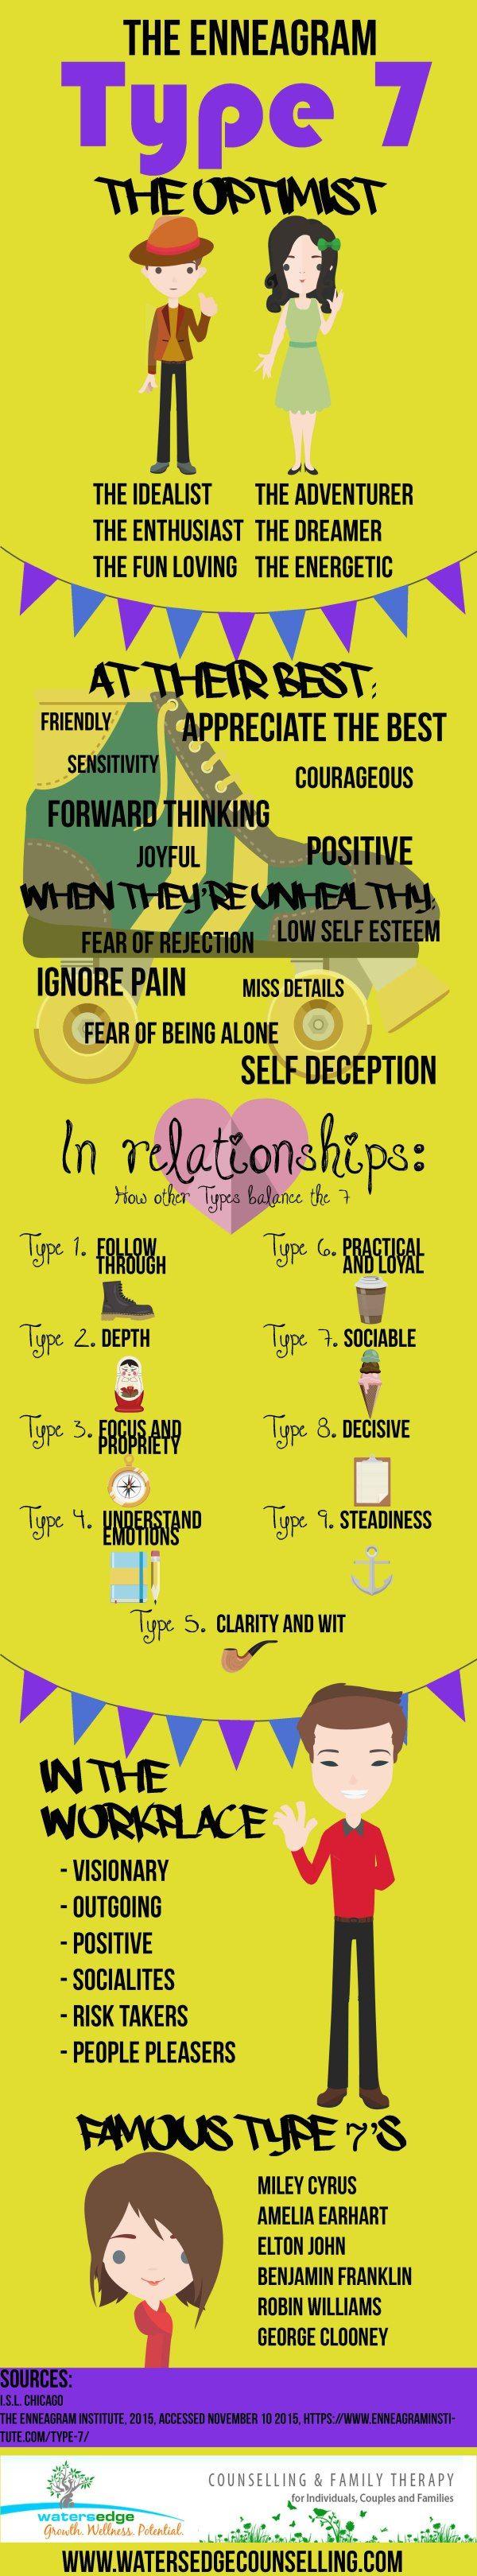 The Enneagram: Type 7 - The Optimist Infographic | Enneagram